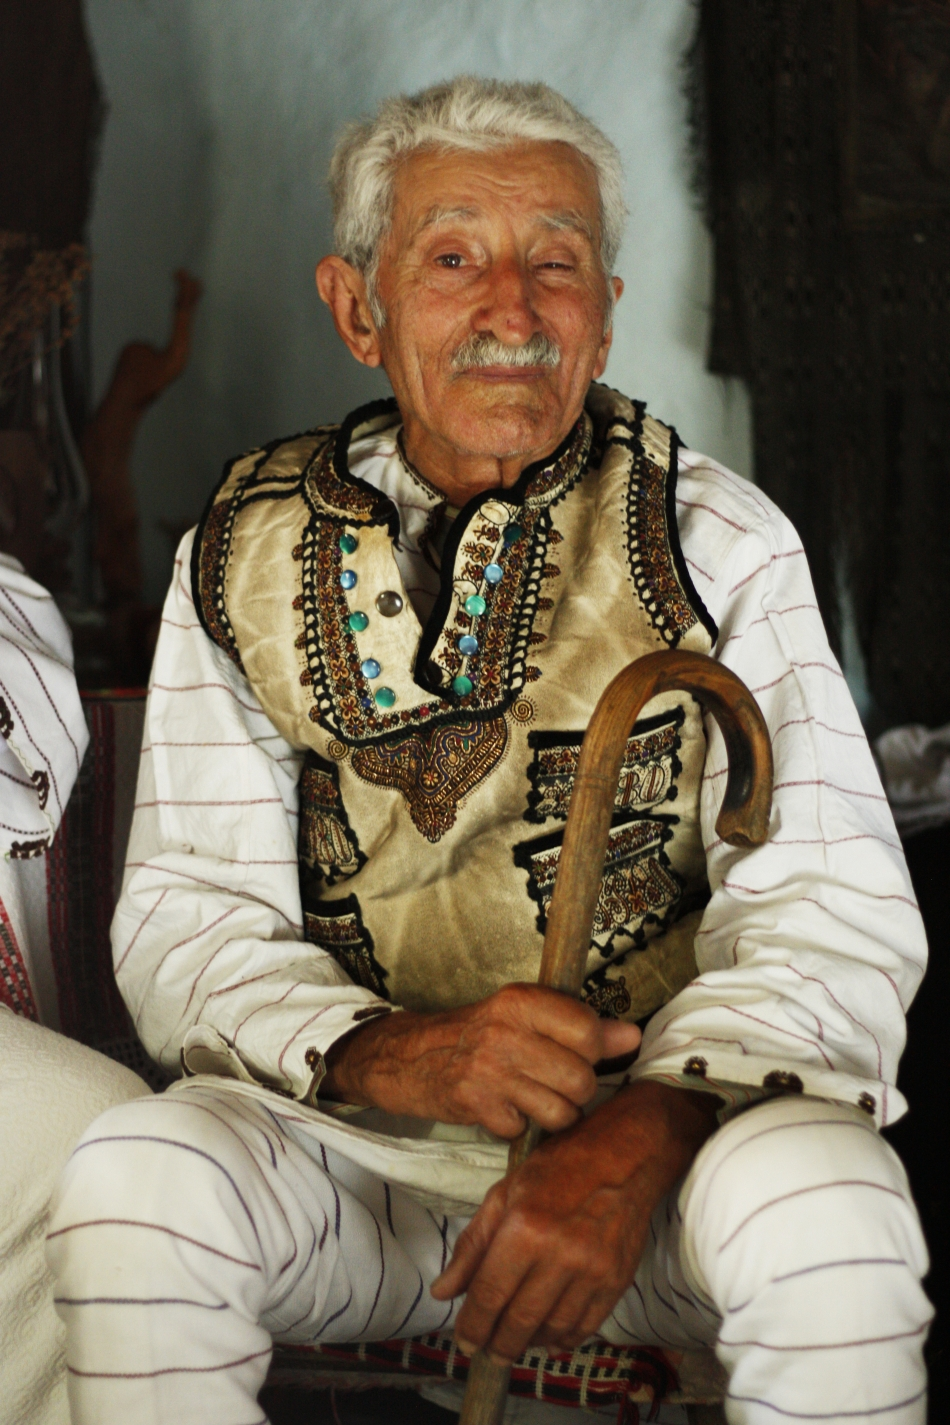 Petru Ititesc îmbrăcat în portul popular momârlănesc, putându-se observa caracteristicile hainelor